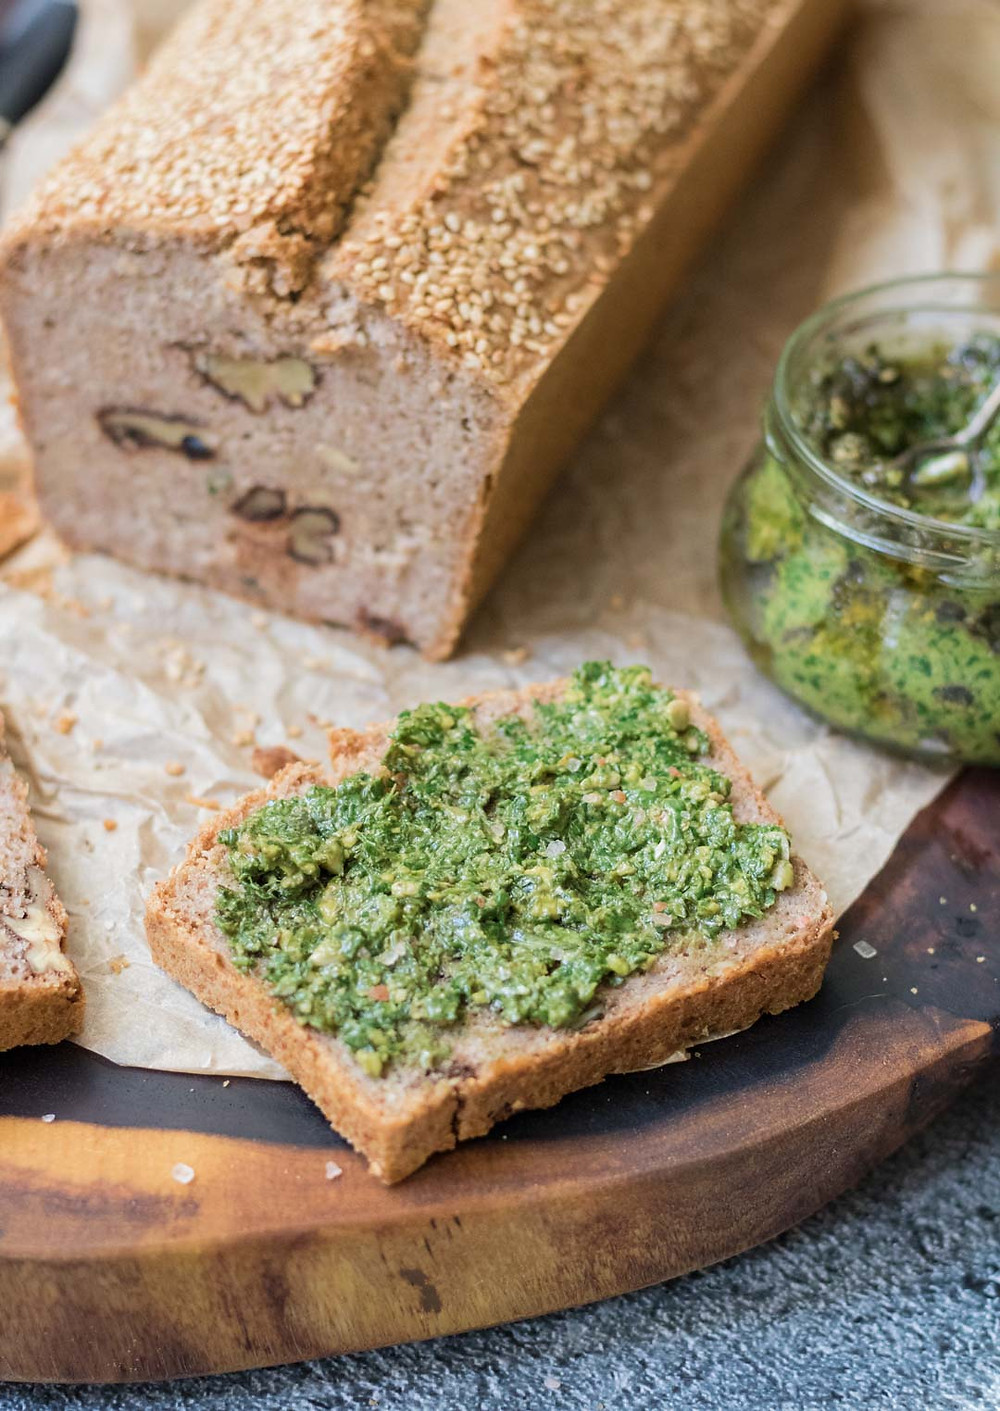 לחם כוסמת קינואה טבעוני ללא גלוטן לחם בריא